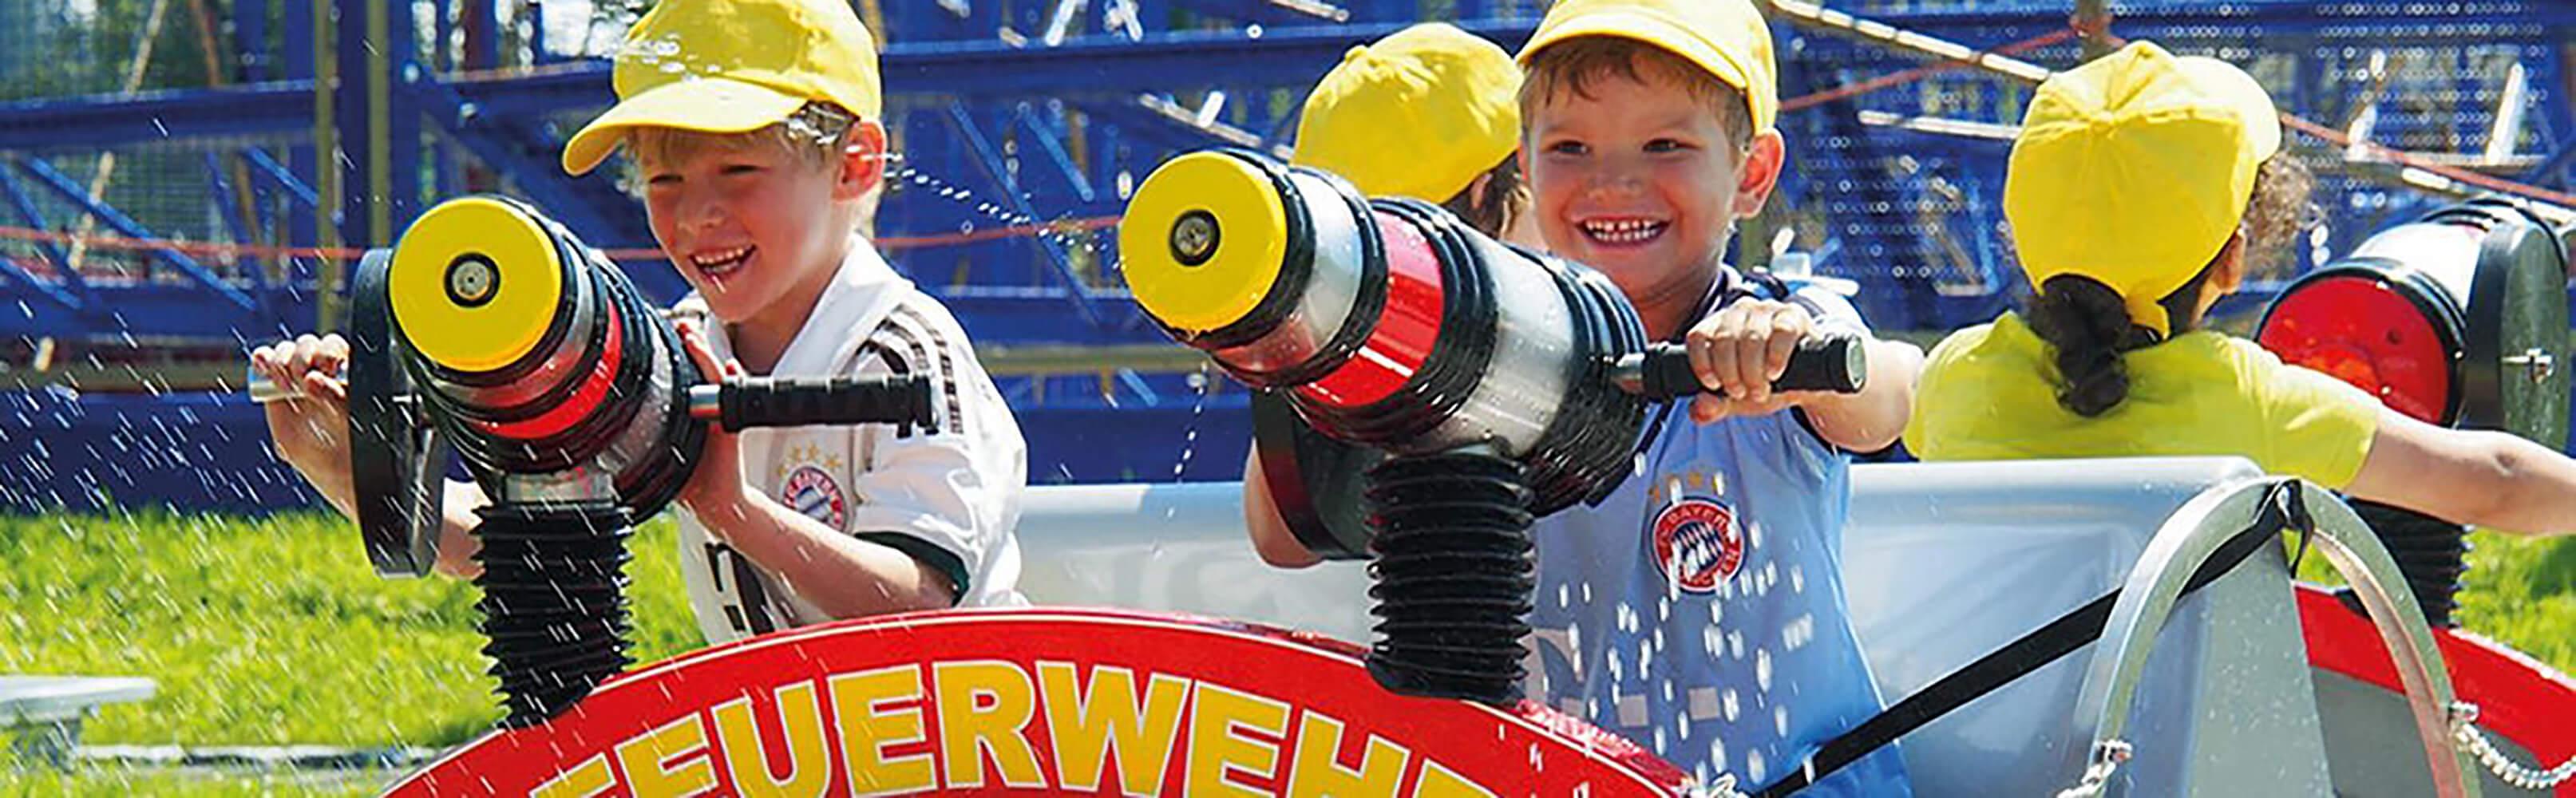 Allgäu Skyline Park - der spannendste Freizeitpark Bayerns! 1